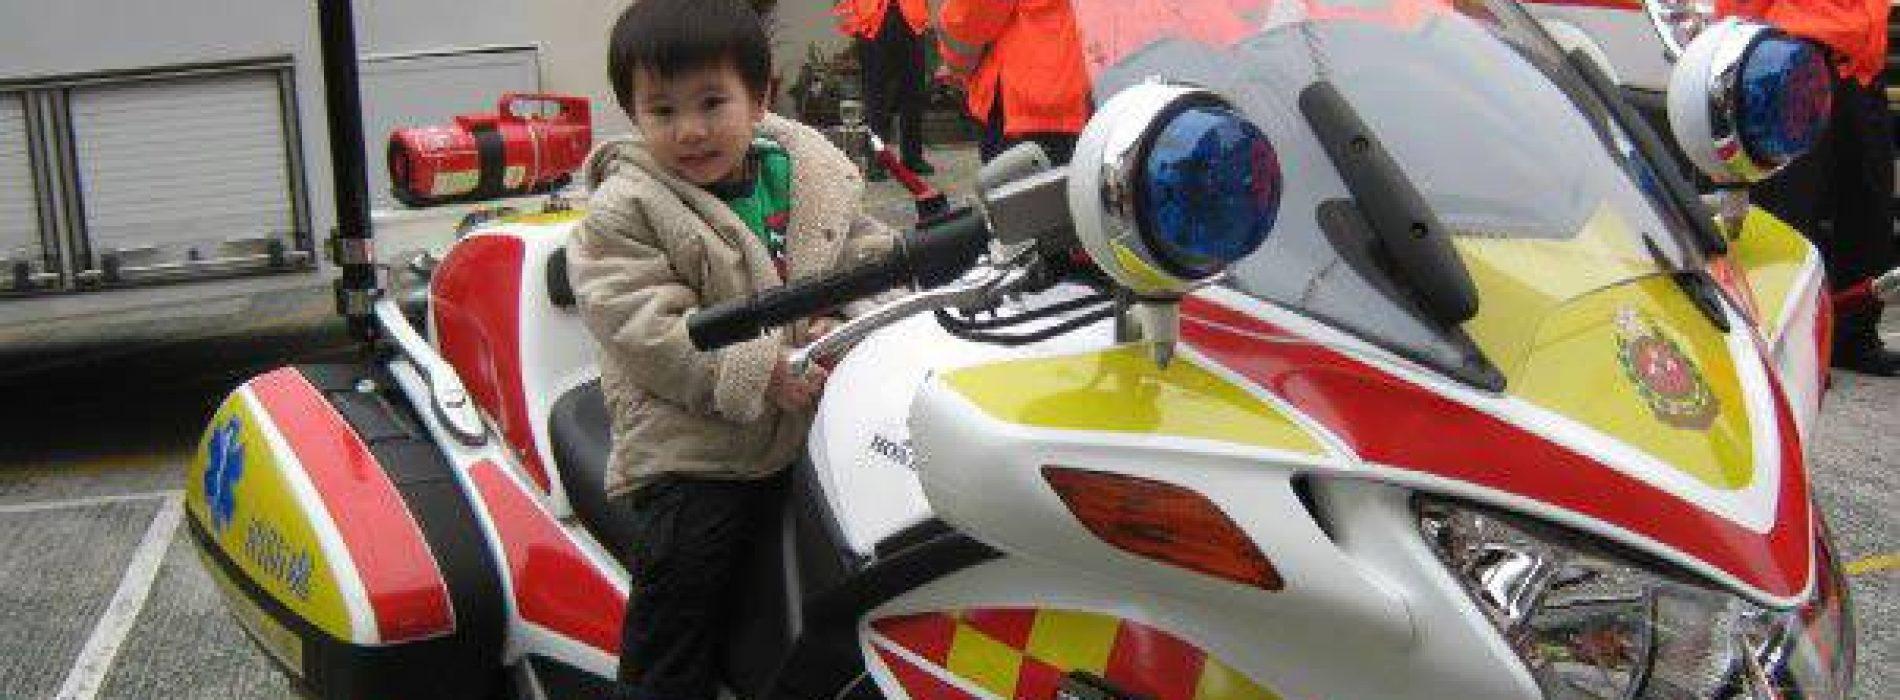 免費親子活動:滅火輪同樂日及救護服務展覽